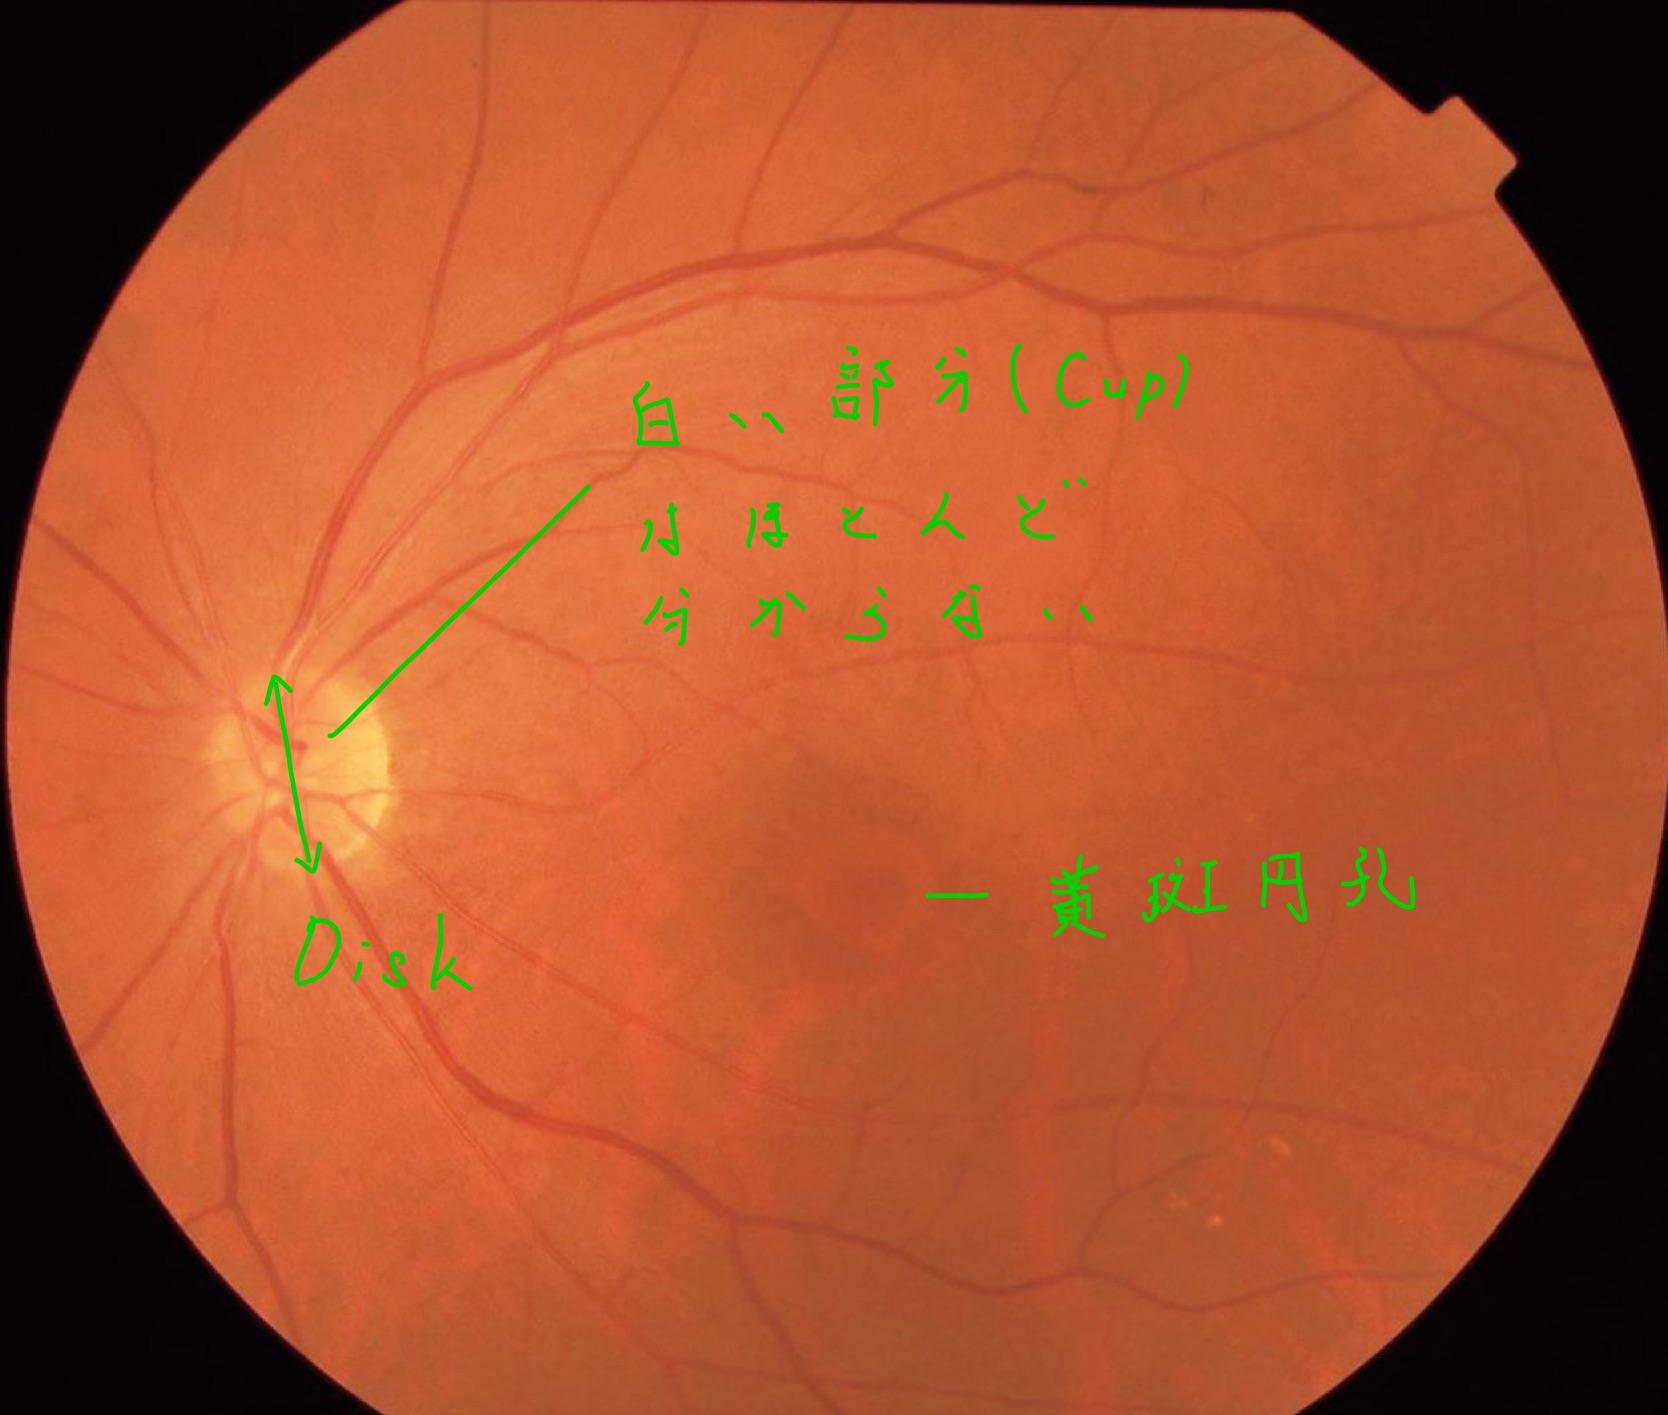 医師国家試験108D38_画像_黄斑円孔の眼底写真_視神経乳頭は正常